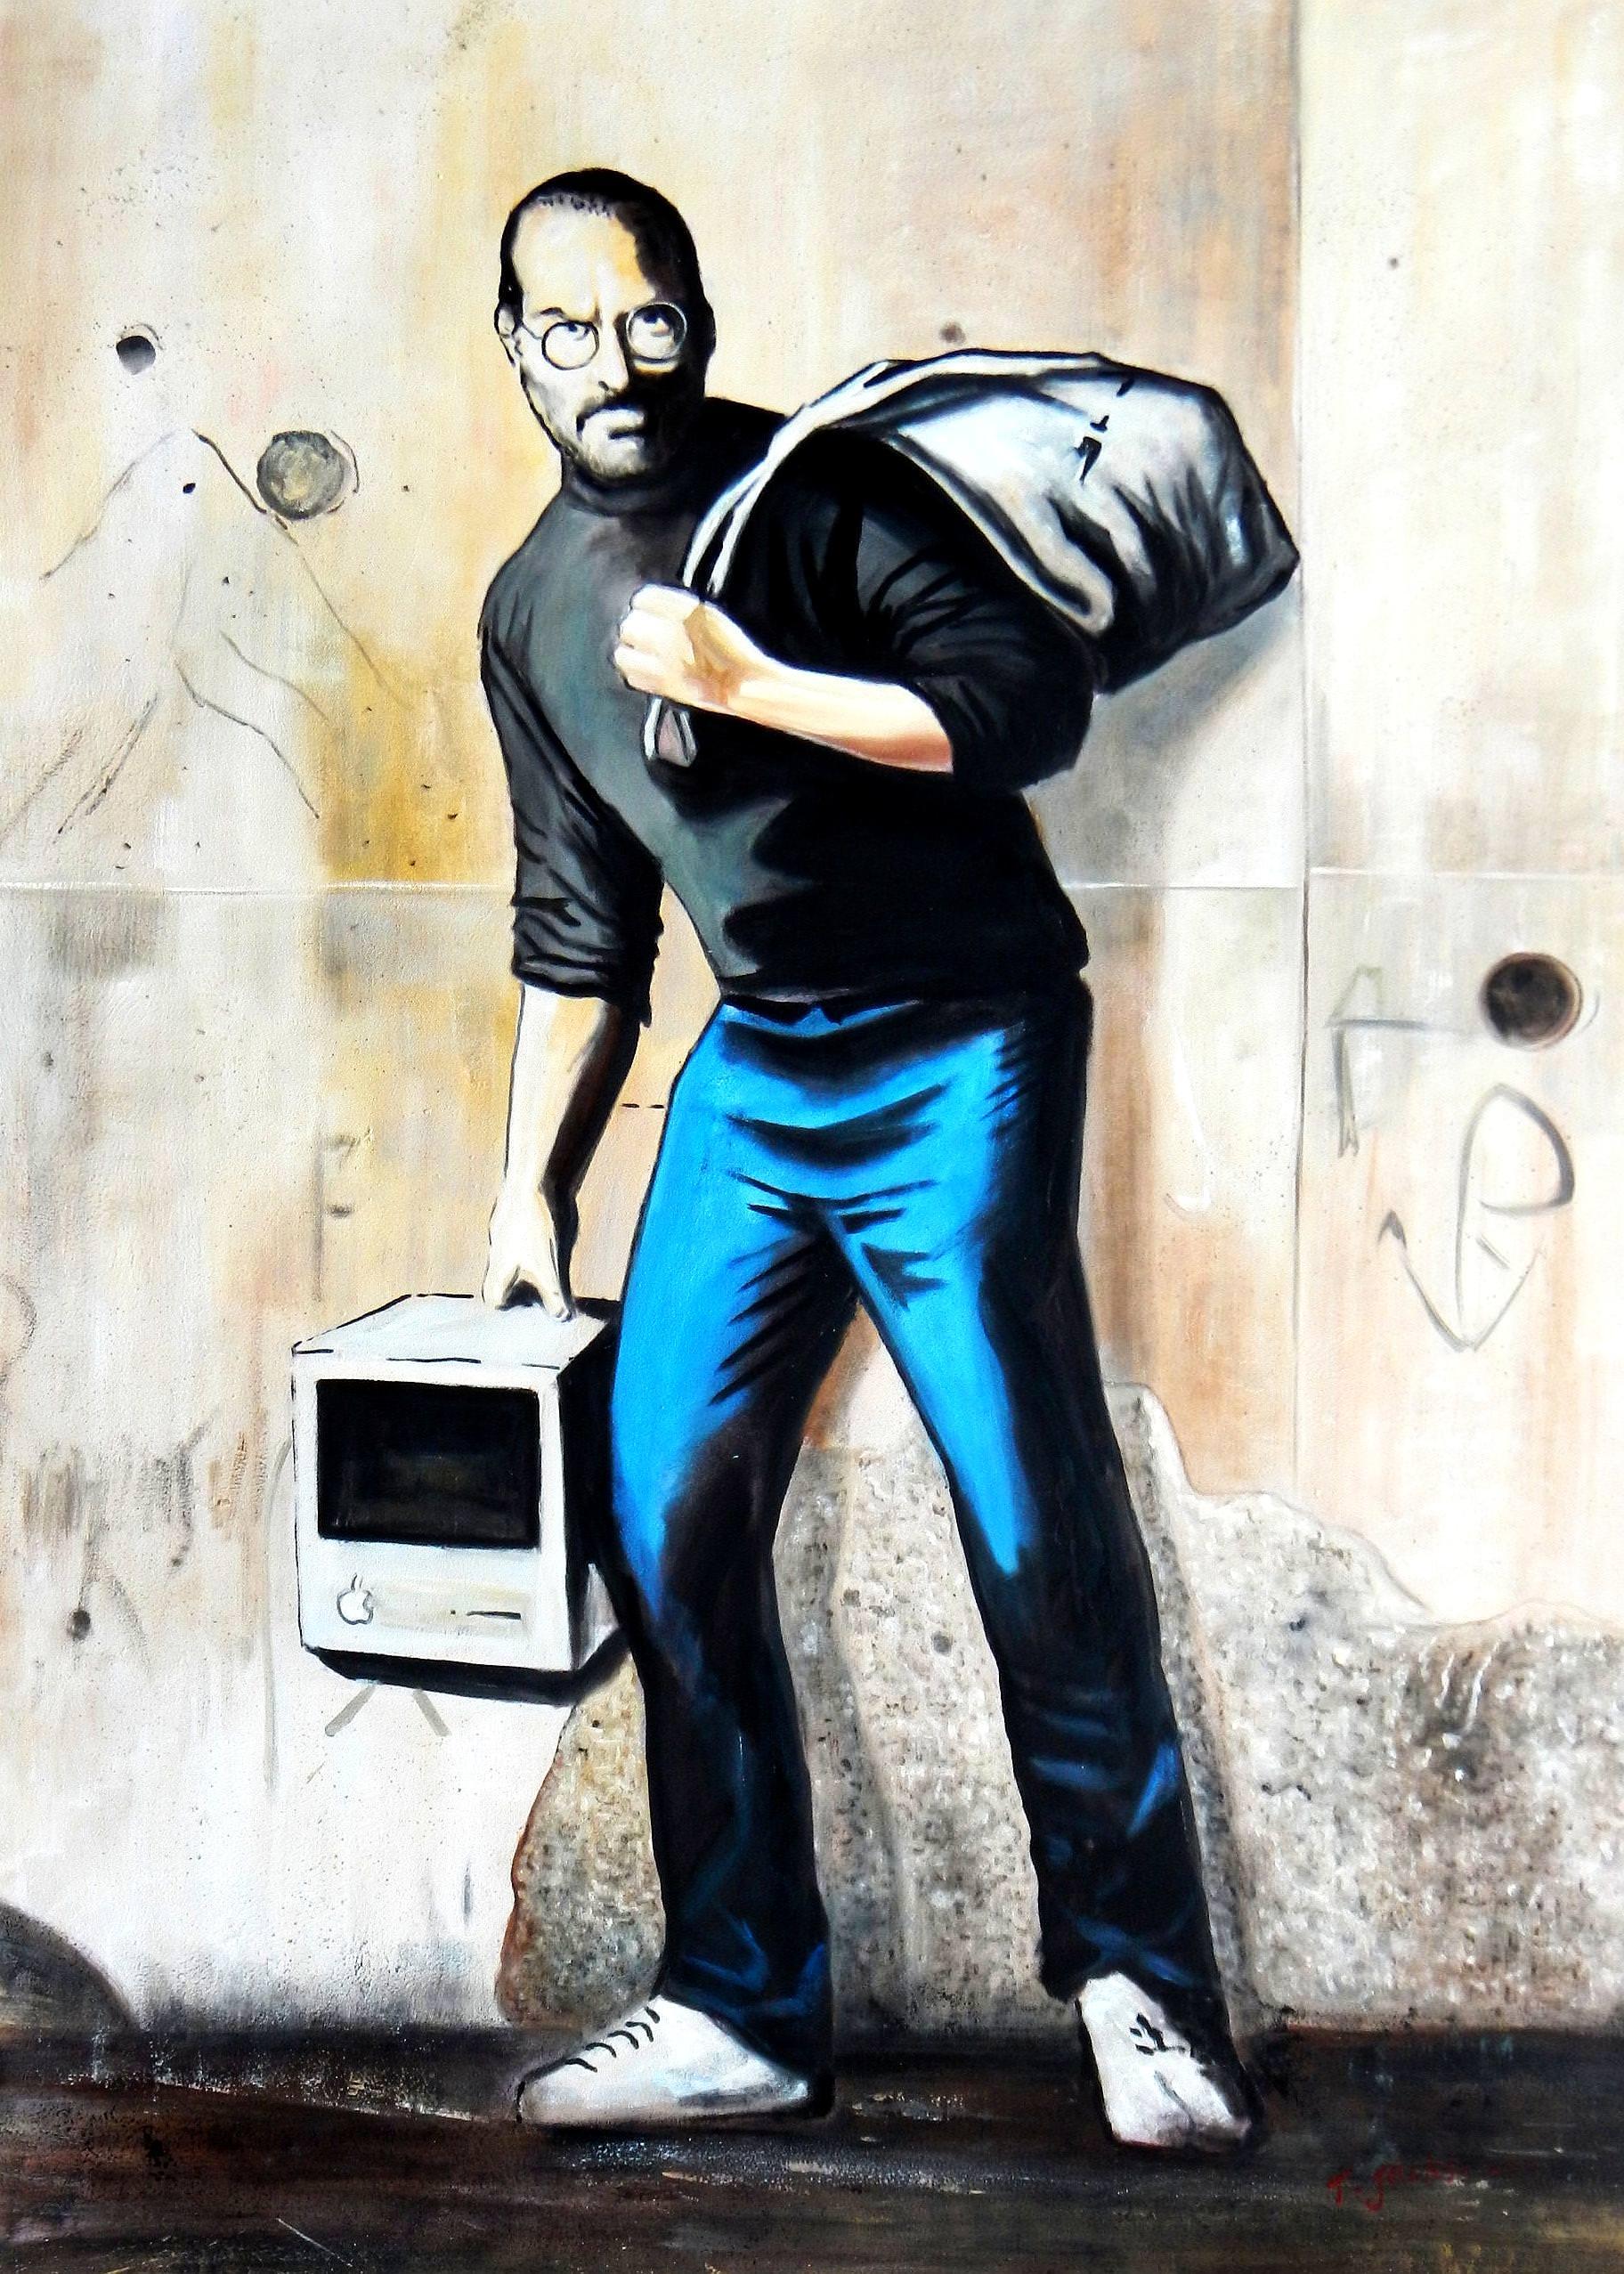 Homage to Banksy - Steves Job i93119 80x110cm exquisites Ölgemälde